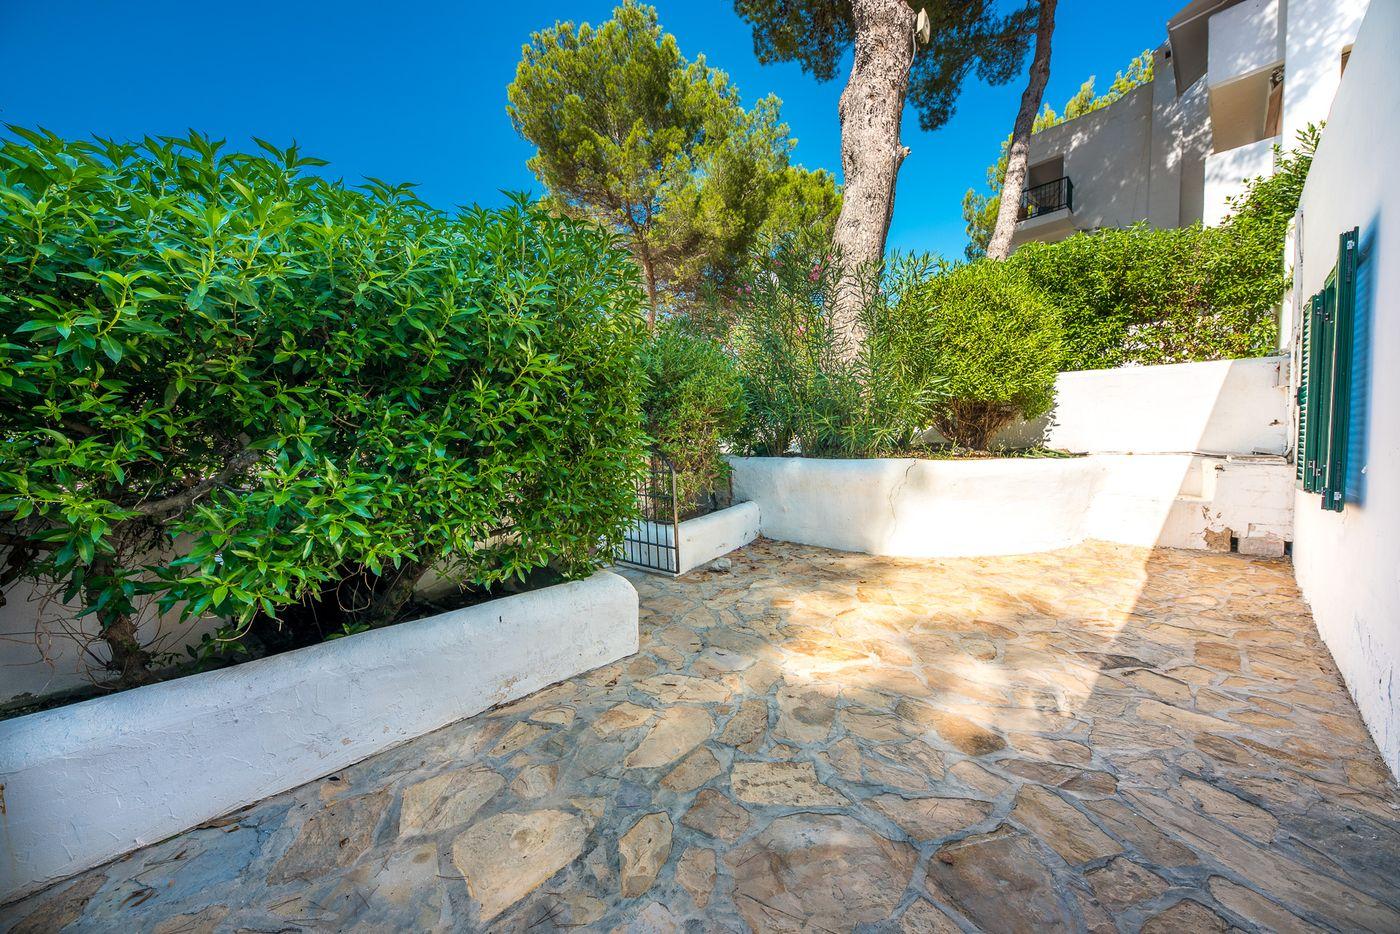 Geräumige Erdgeschosswohnung mit Gartenbereich